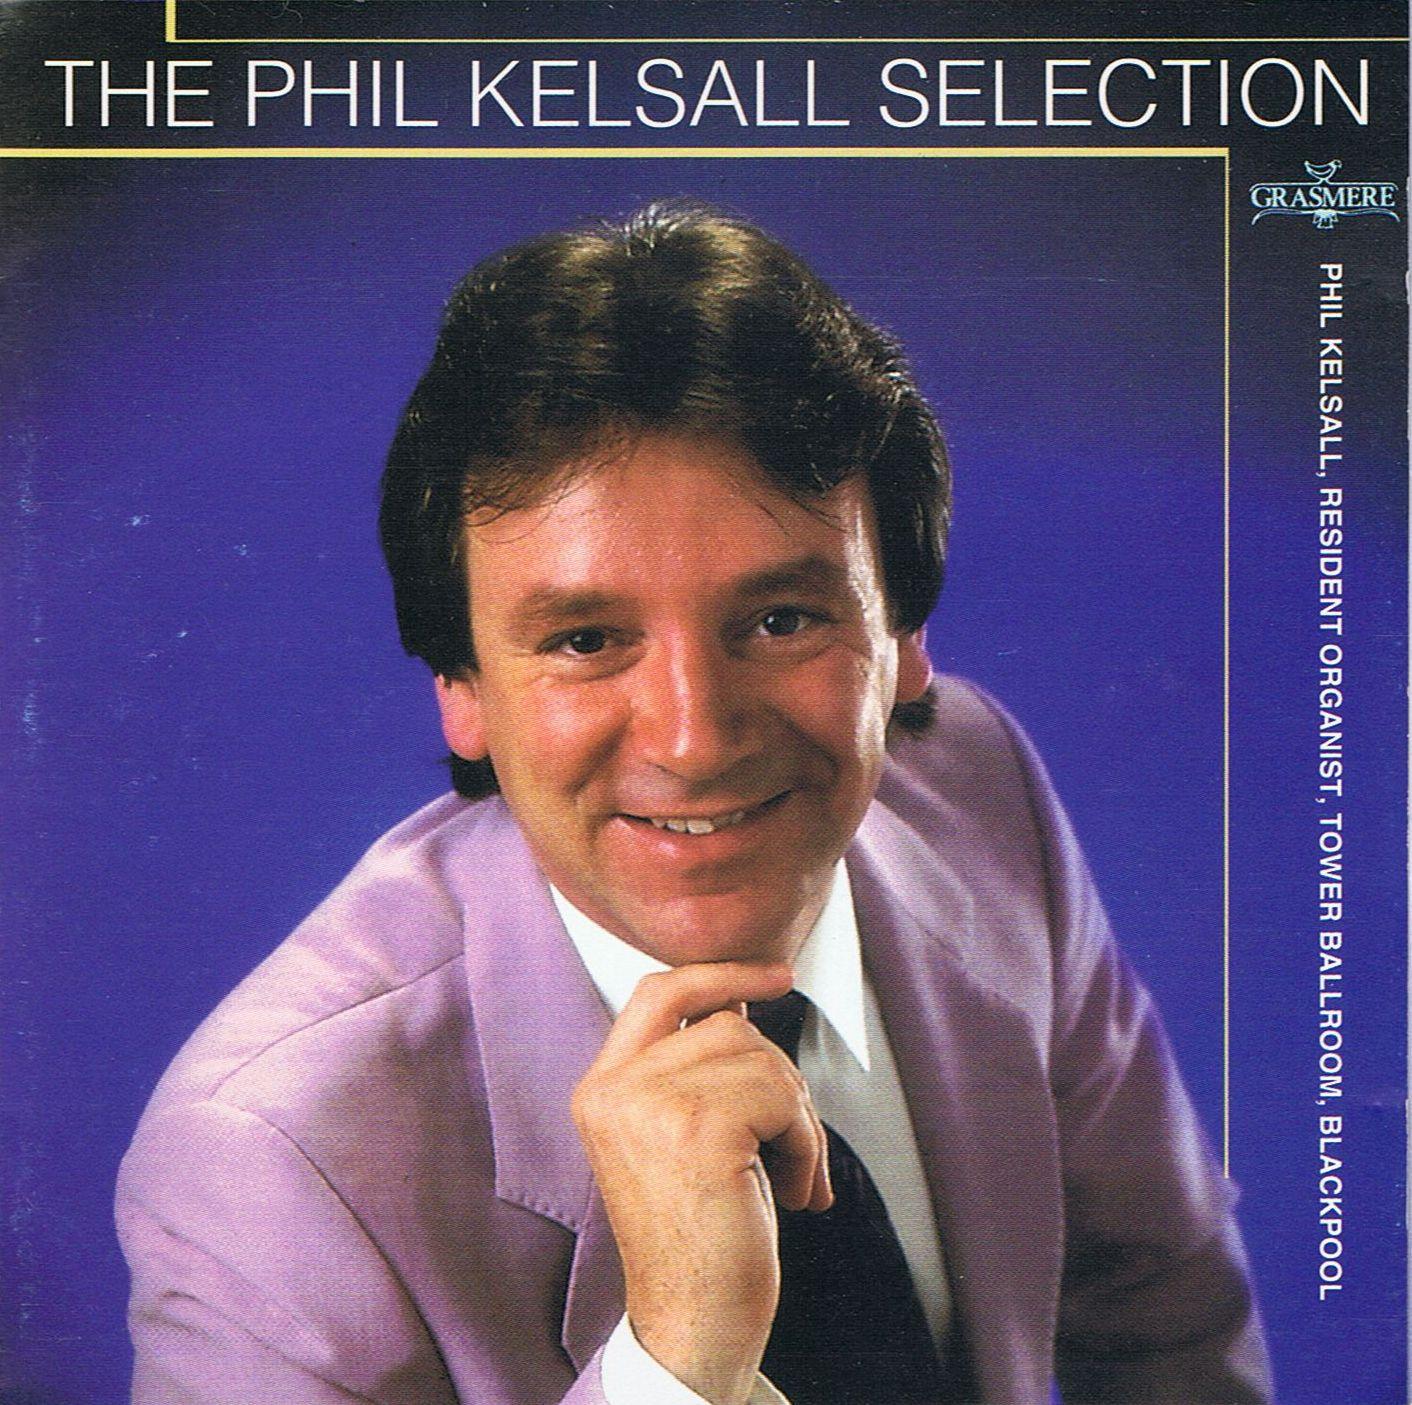 Phil Kelsall - The Phil Kelsall Selection